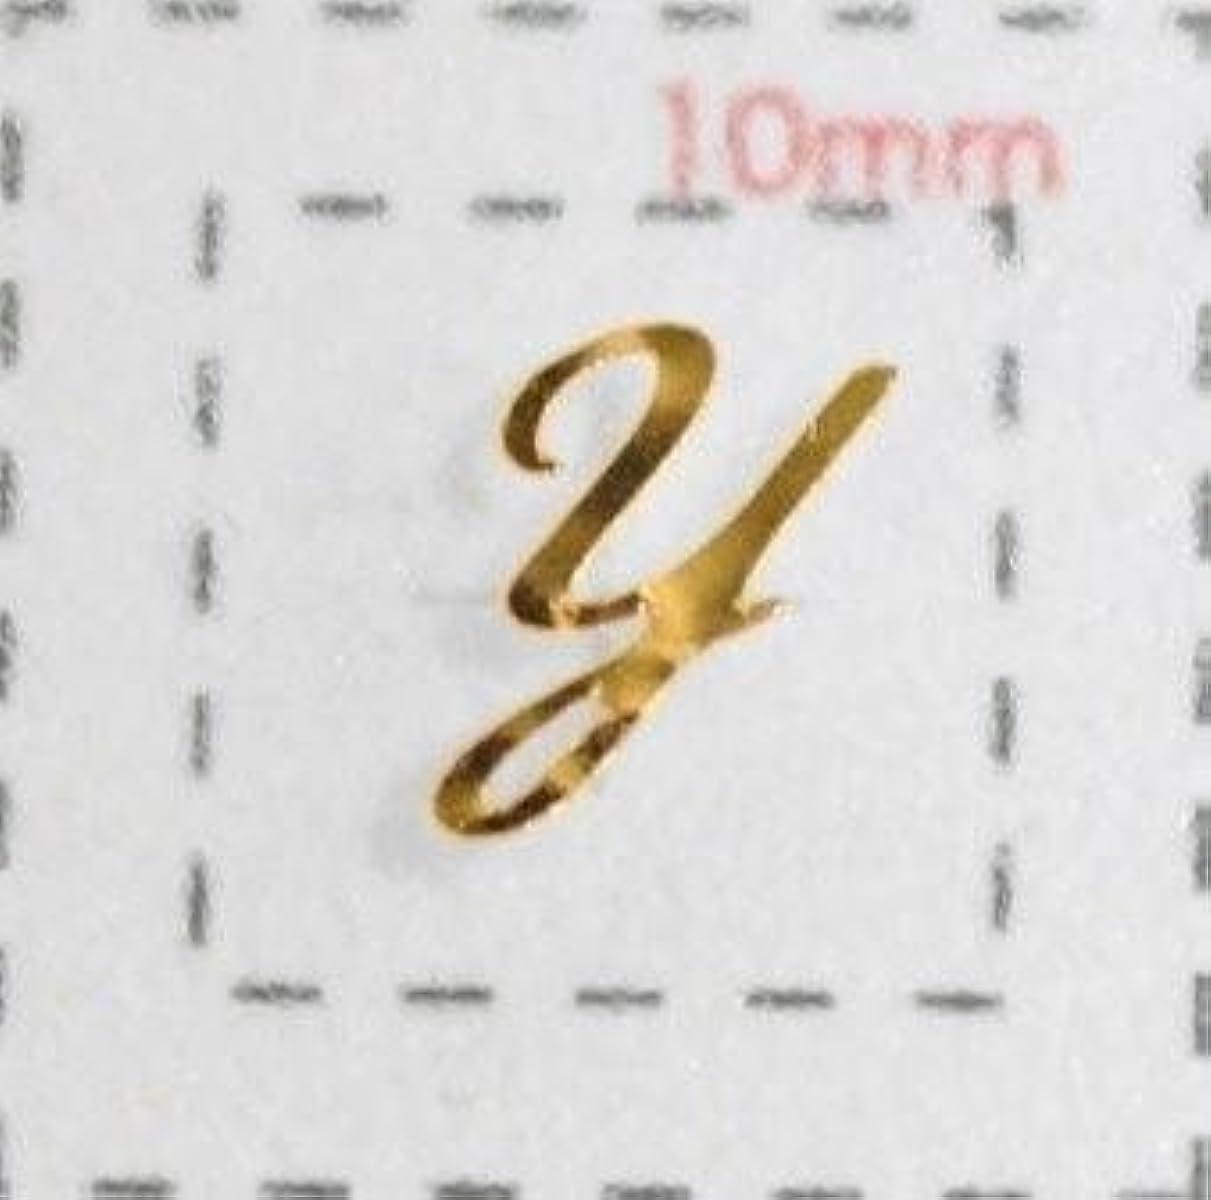 女王ボタンチューリップNameネイルシール【アルファベット?イニシャル】大文字ゴールド( Y )1シート9枚入